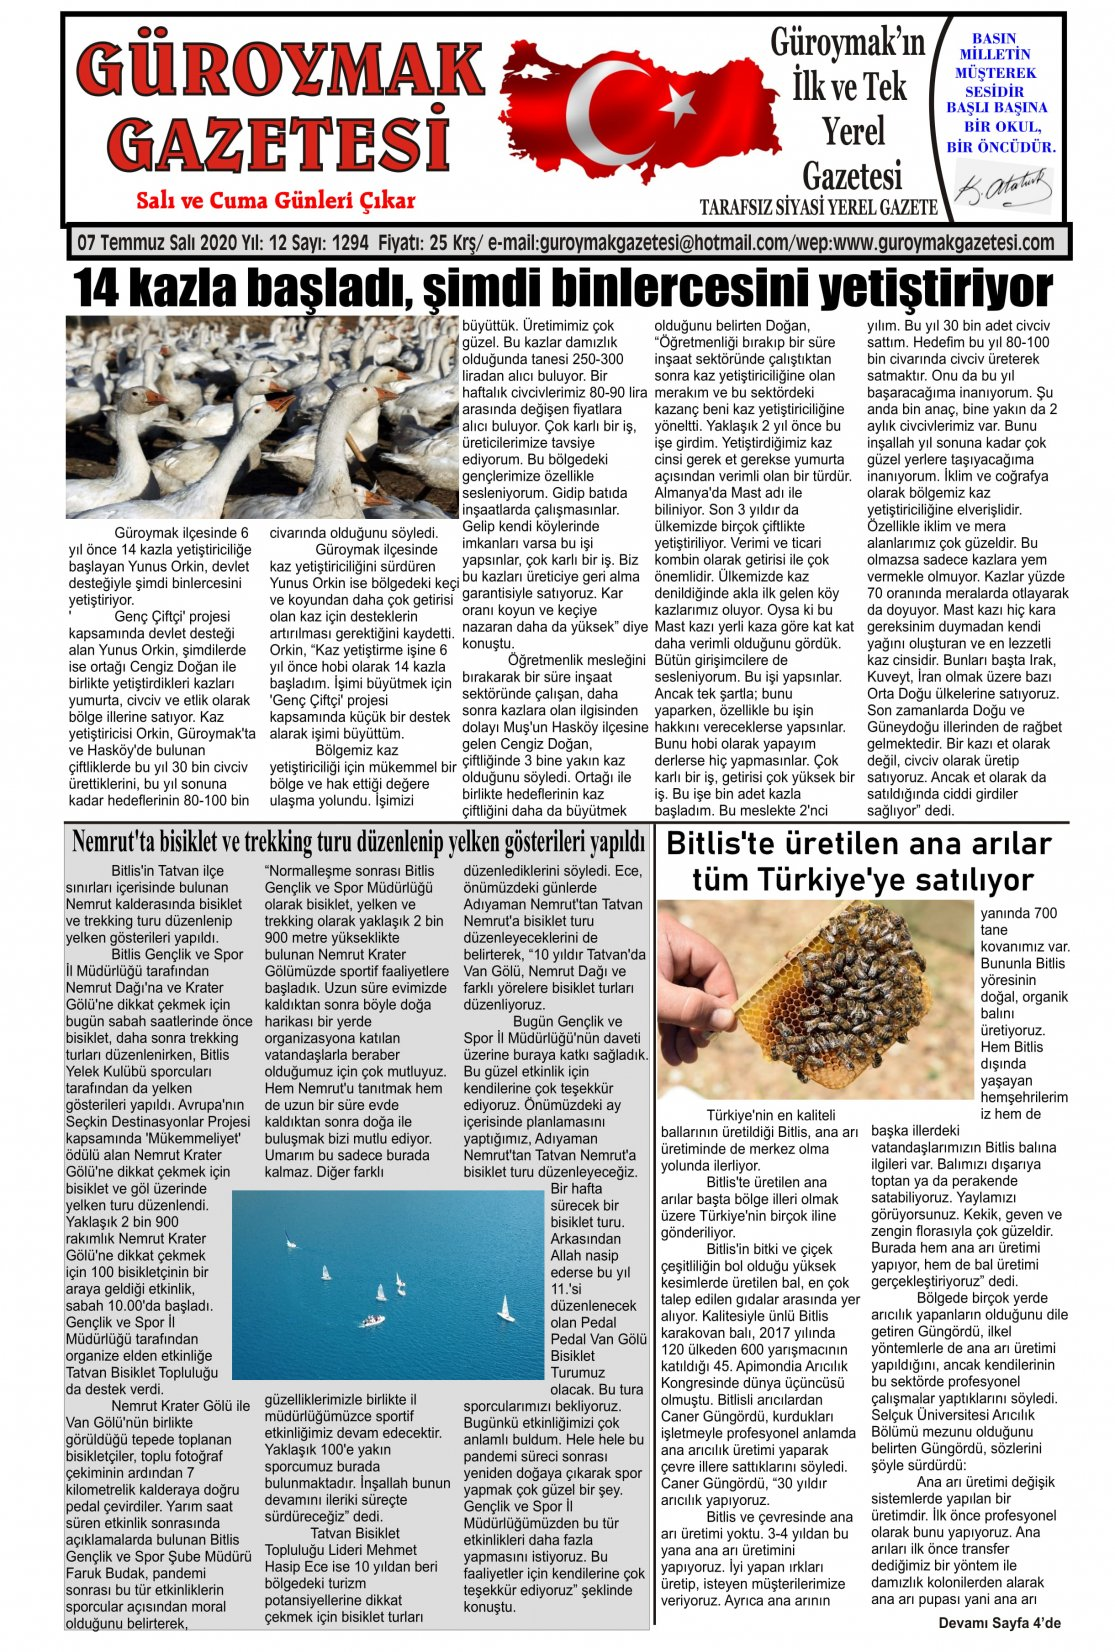 Güroymak Gazetesi 1-birle?tirildi (14) (1)-1.jpg Sayılı Gazete Küpürü